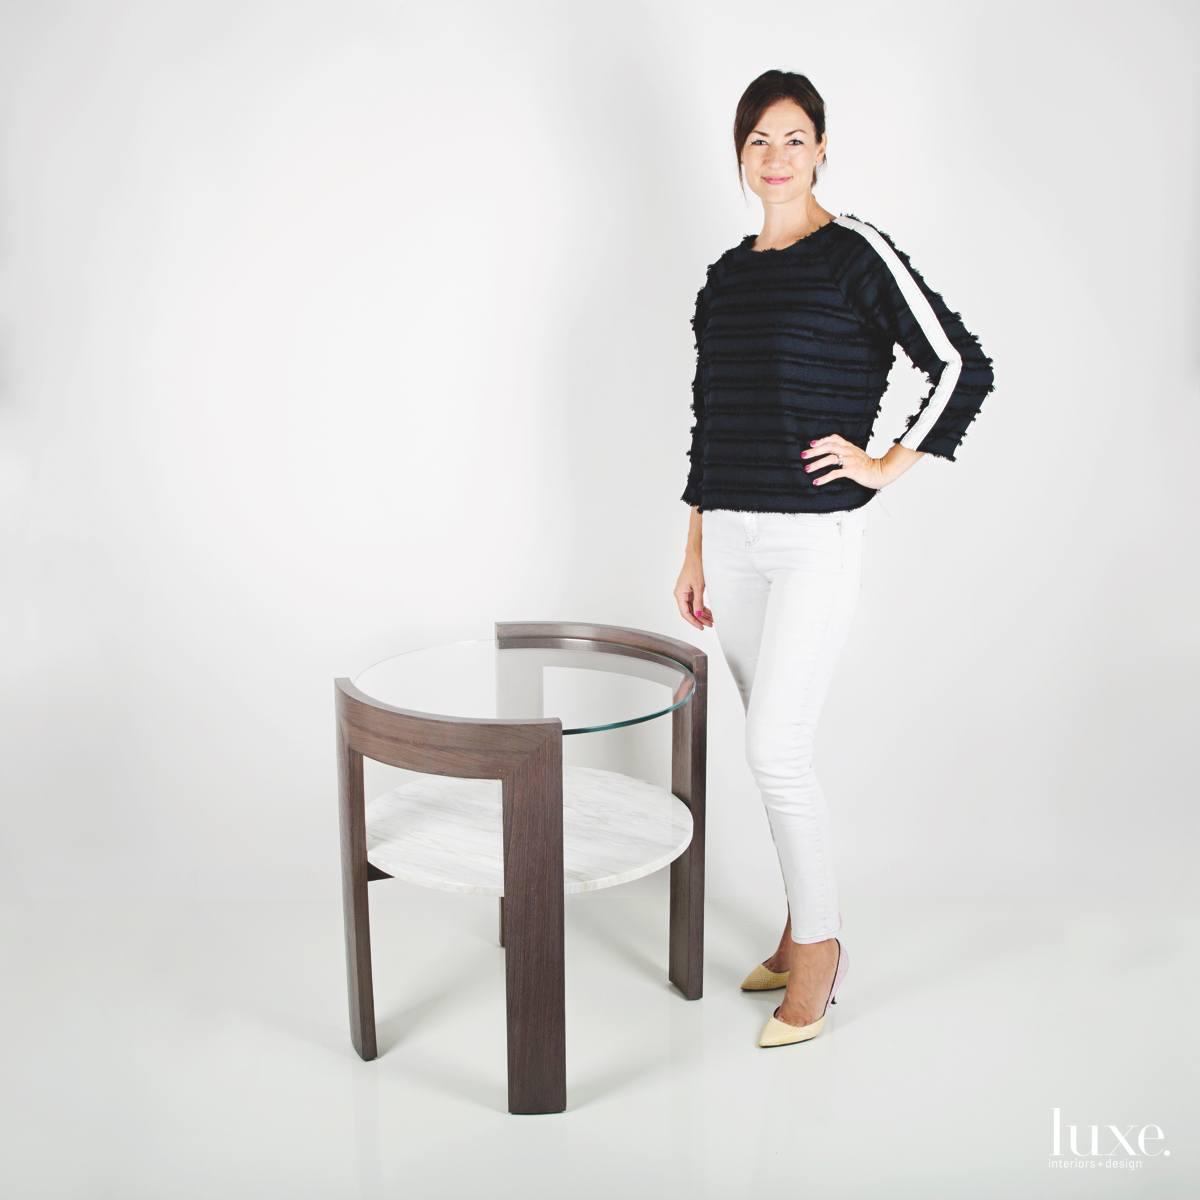 Jillian O'Neill Texas Insider Model